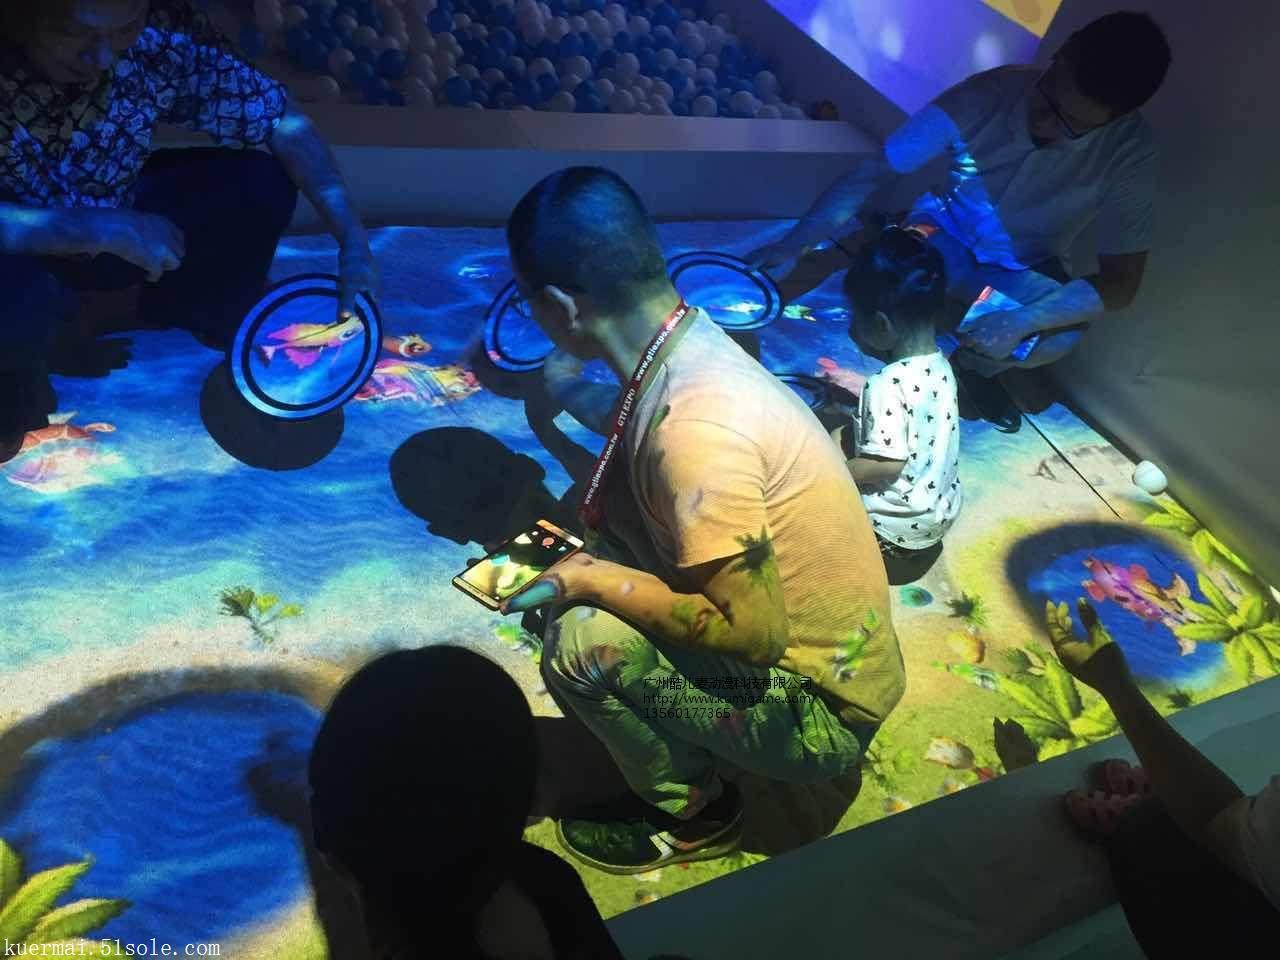 想买优惠的投影互动砸球游乐设备就来广州酷儿麦动漫科技互动投影